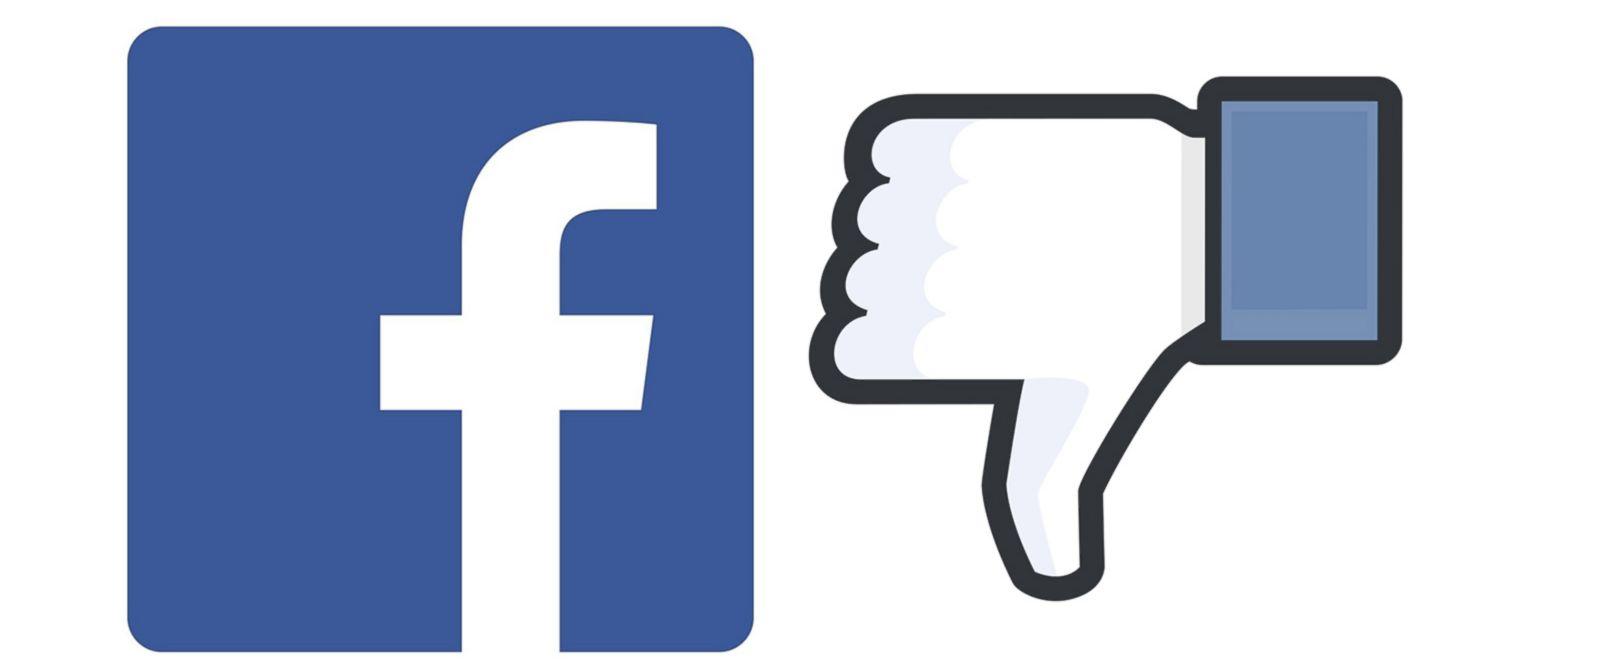 Ce a spus Mark Zuckerberg despre butonul de dislike